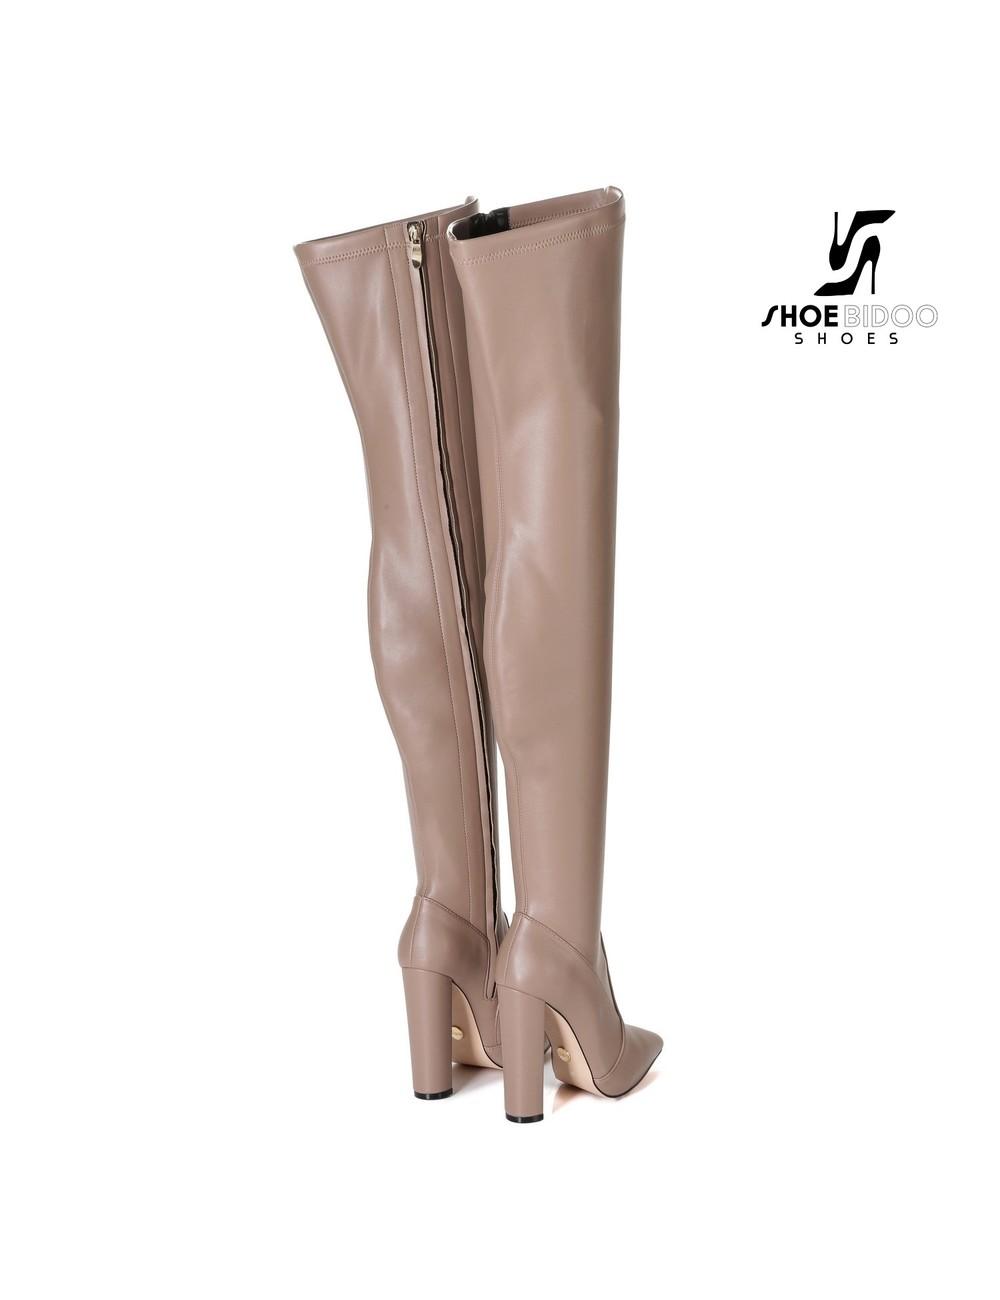 Giaro Giaro fashion thigh boots TRINKET in taupe matte